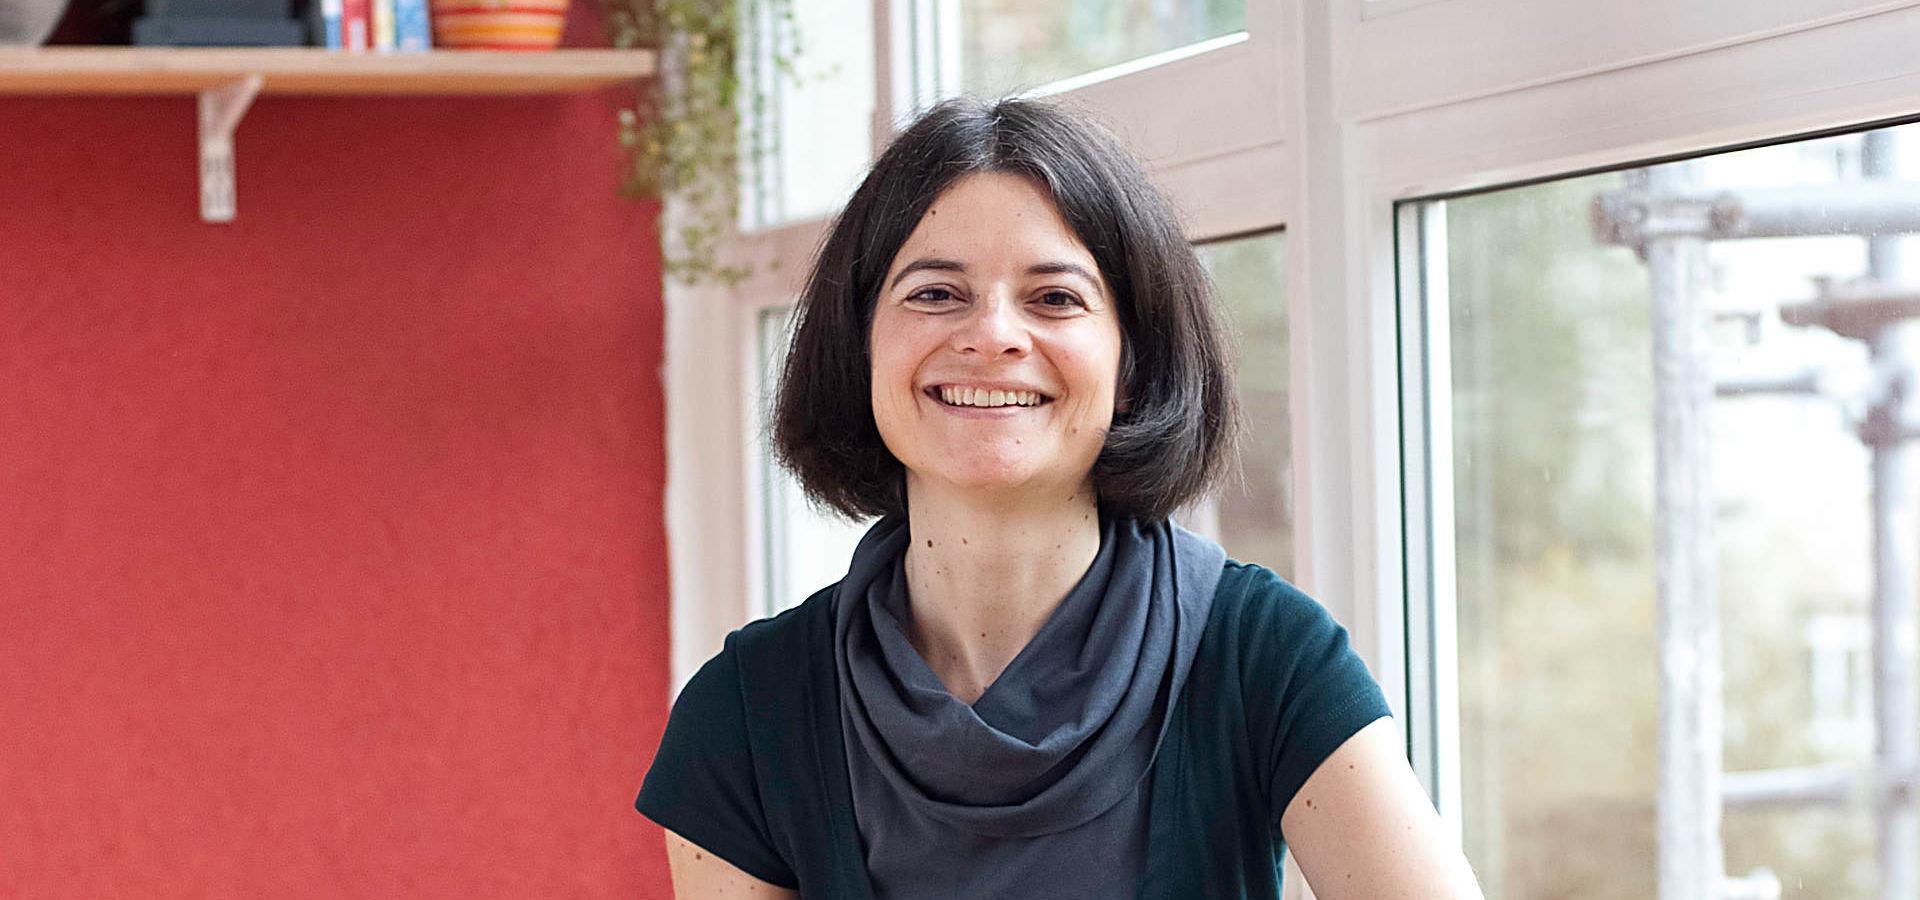 Nicole Centmayer gibt Klavierunterricht in Wiesbaden und gibt Kurse für Babys und Kinder Musikgarten